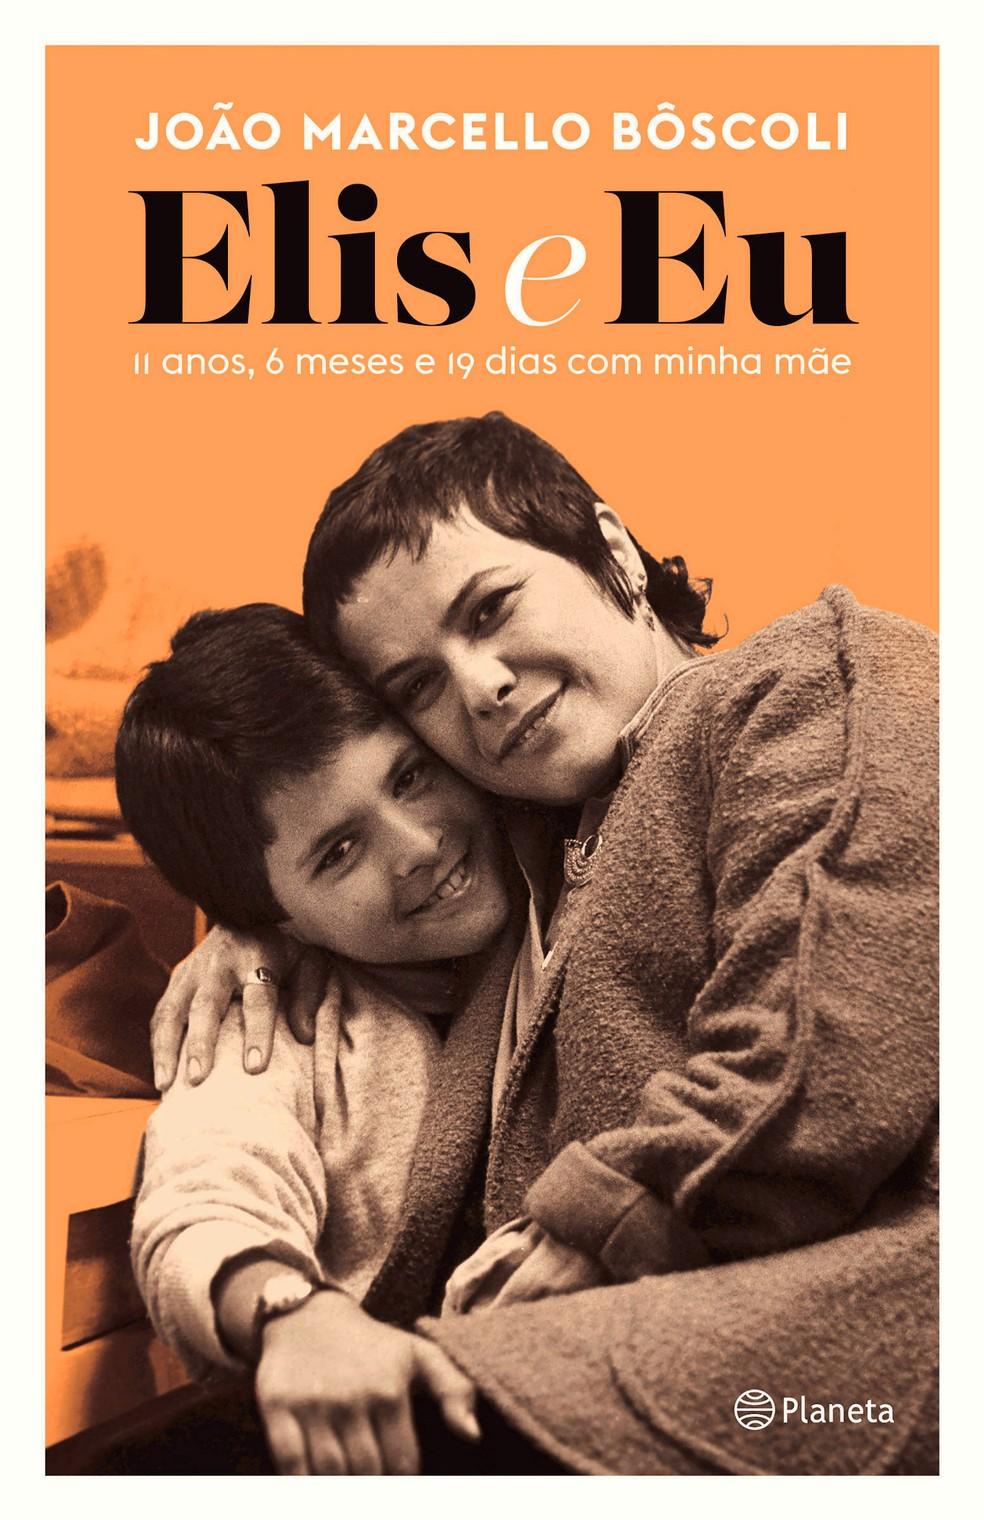 Capa do livro 'Elis e eu – 11 anos, 6 meses e 19 dias com minha mãe', de João Marcello Bôscoli — Foto: Silvio Correia